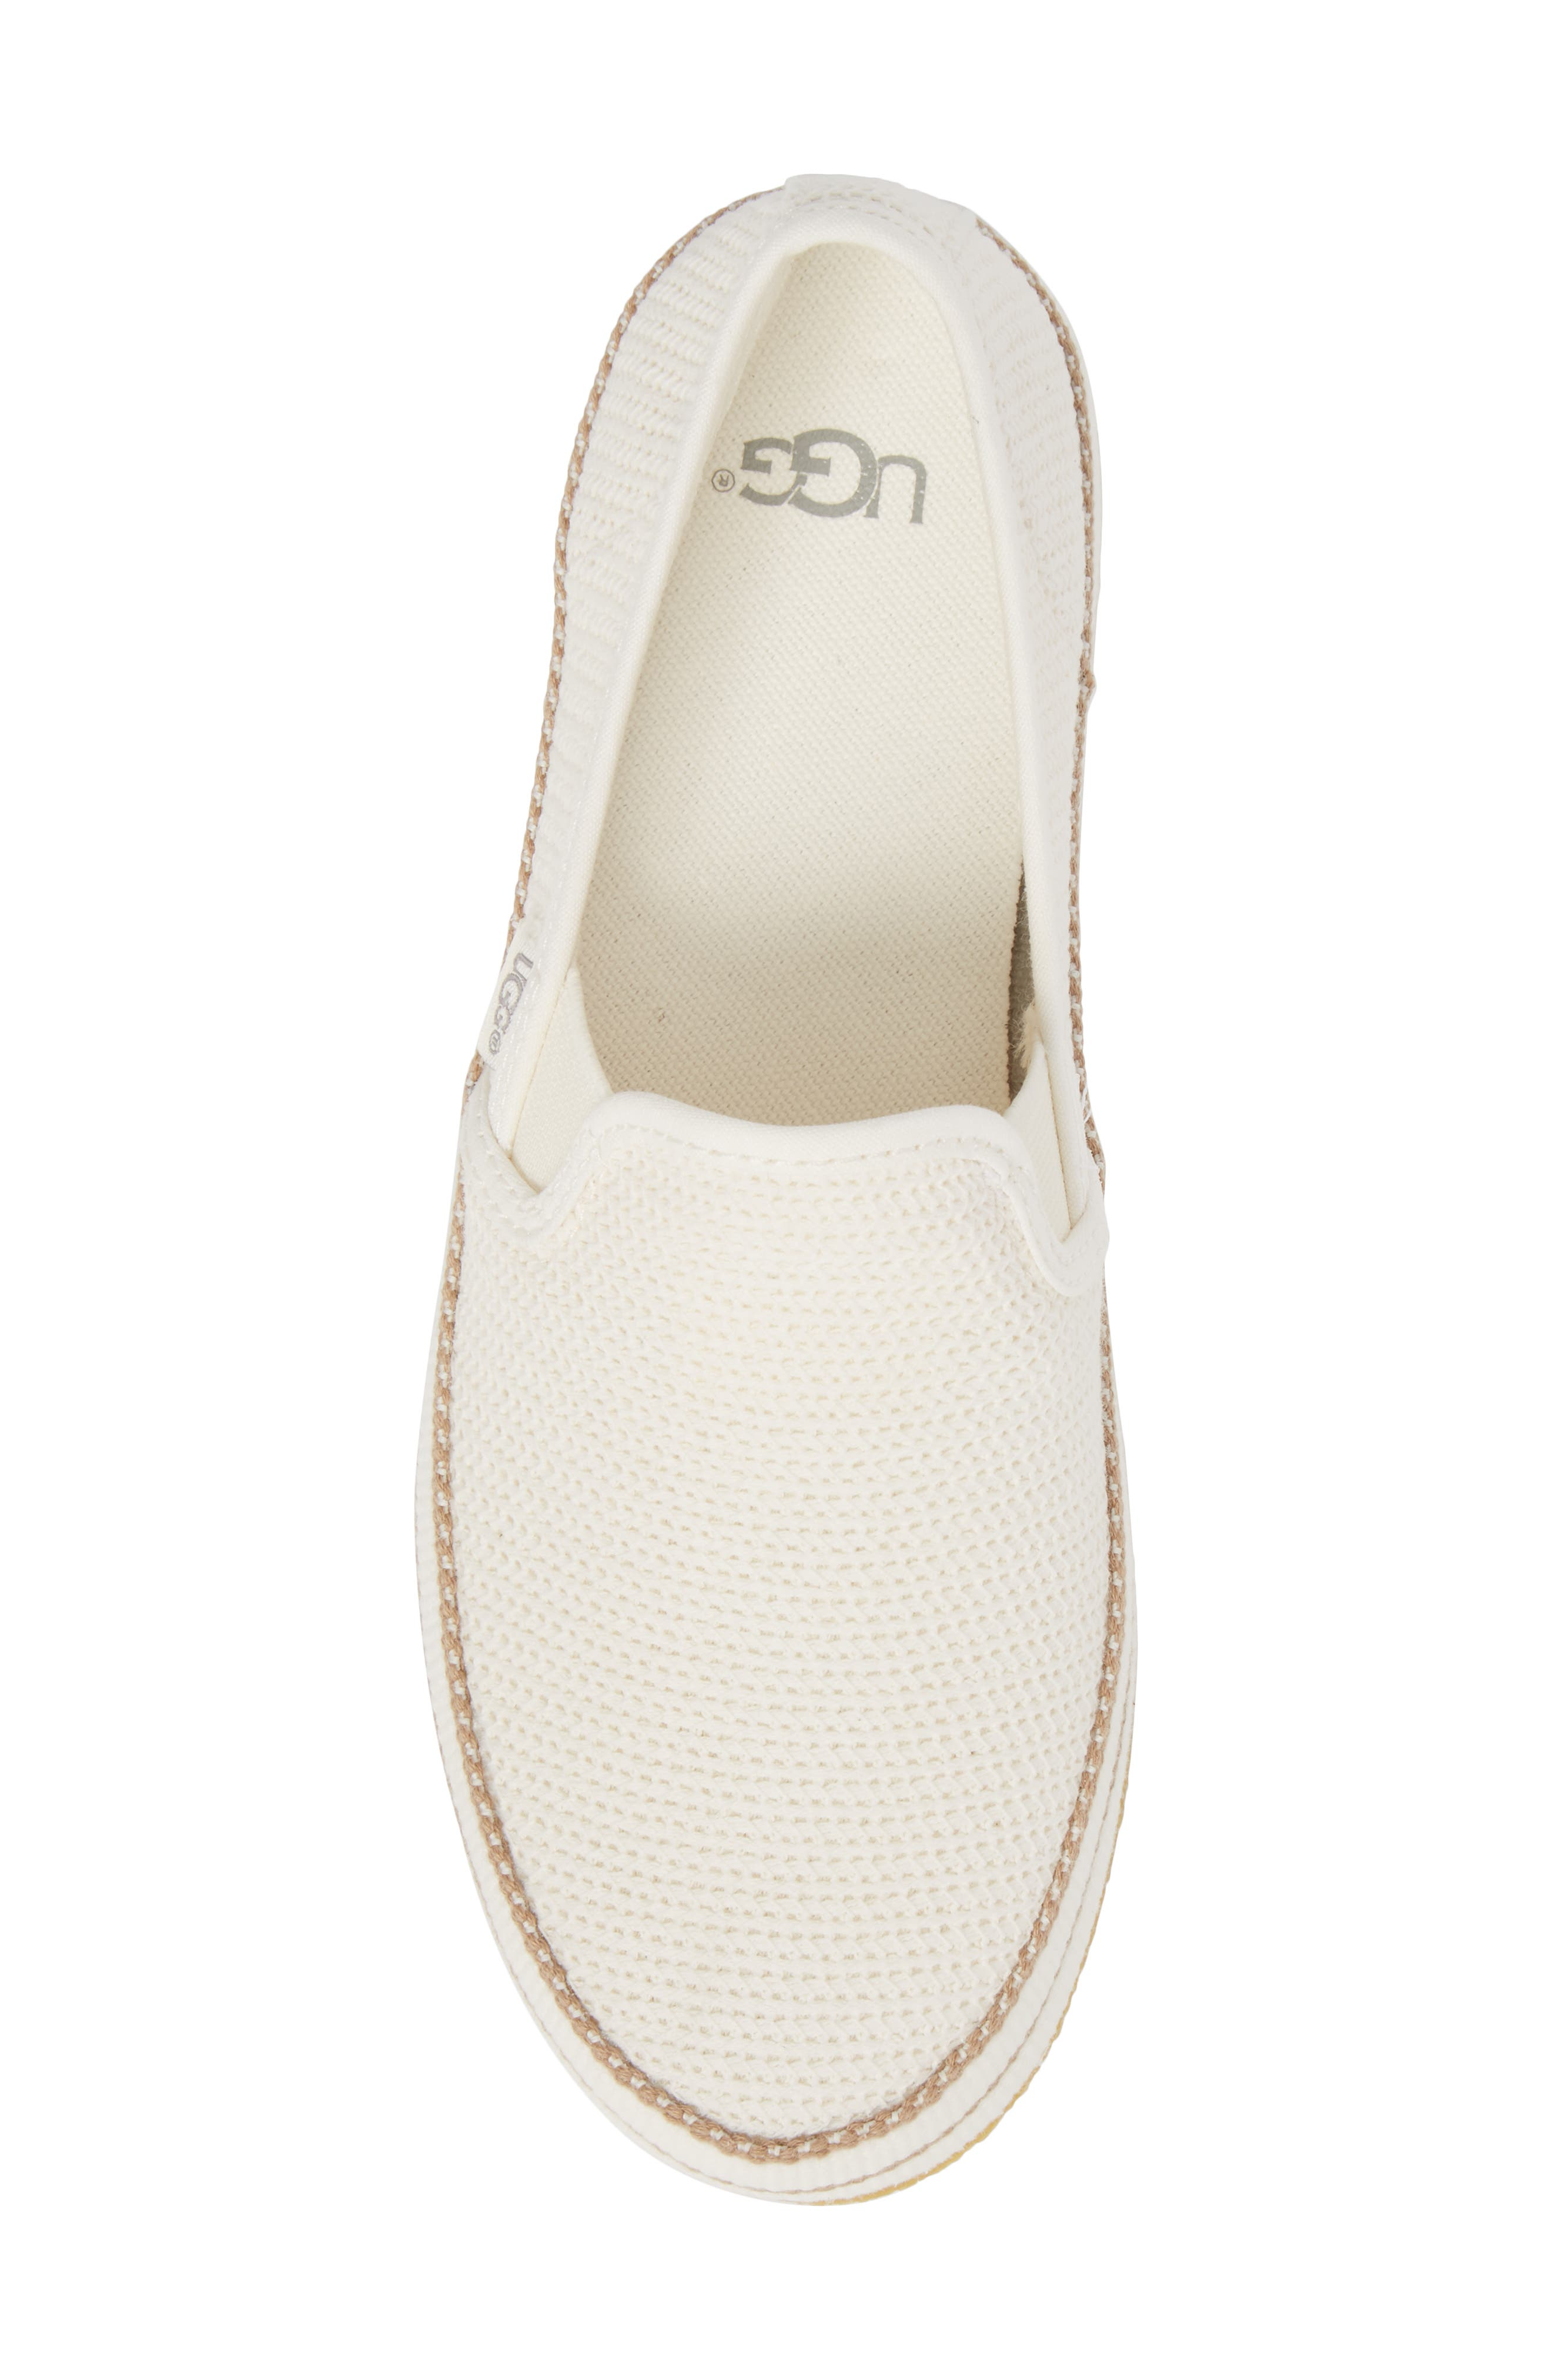 Bren Slip-On Sneaker,                             Alternate thumbnail 5, color,                             Natural